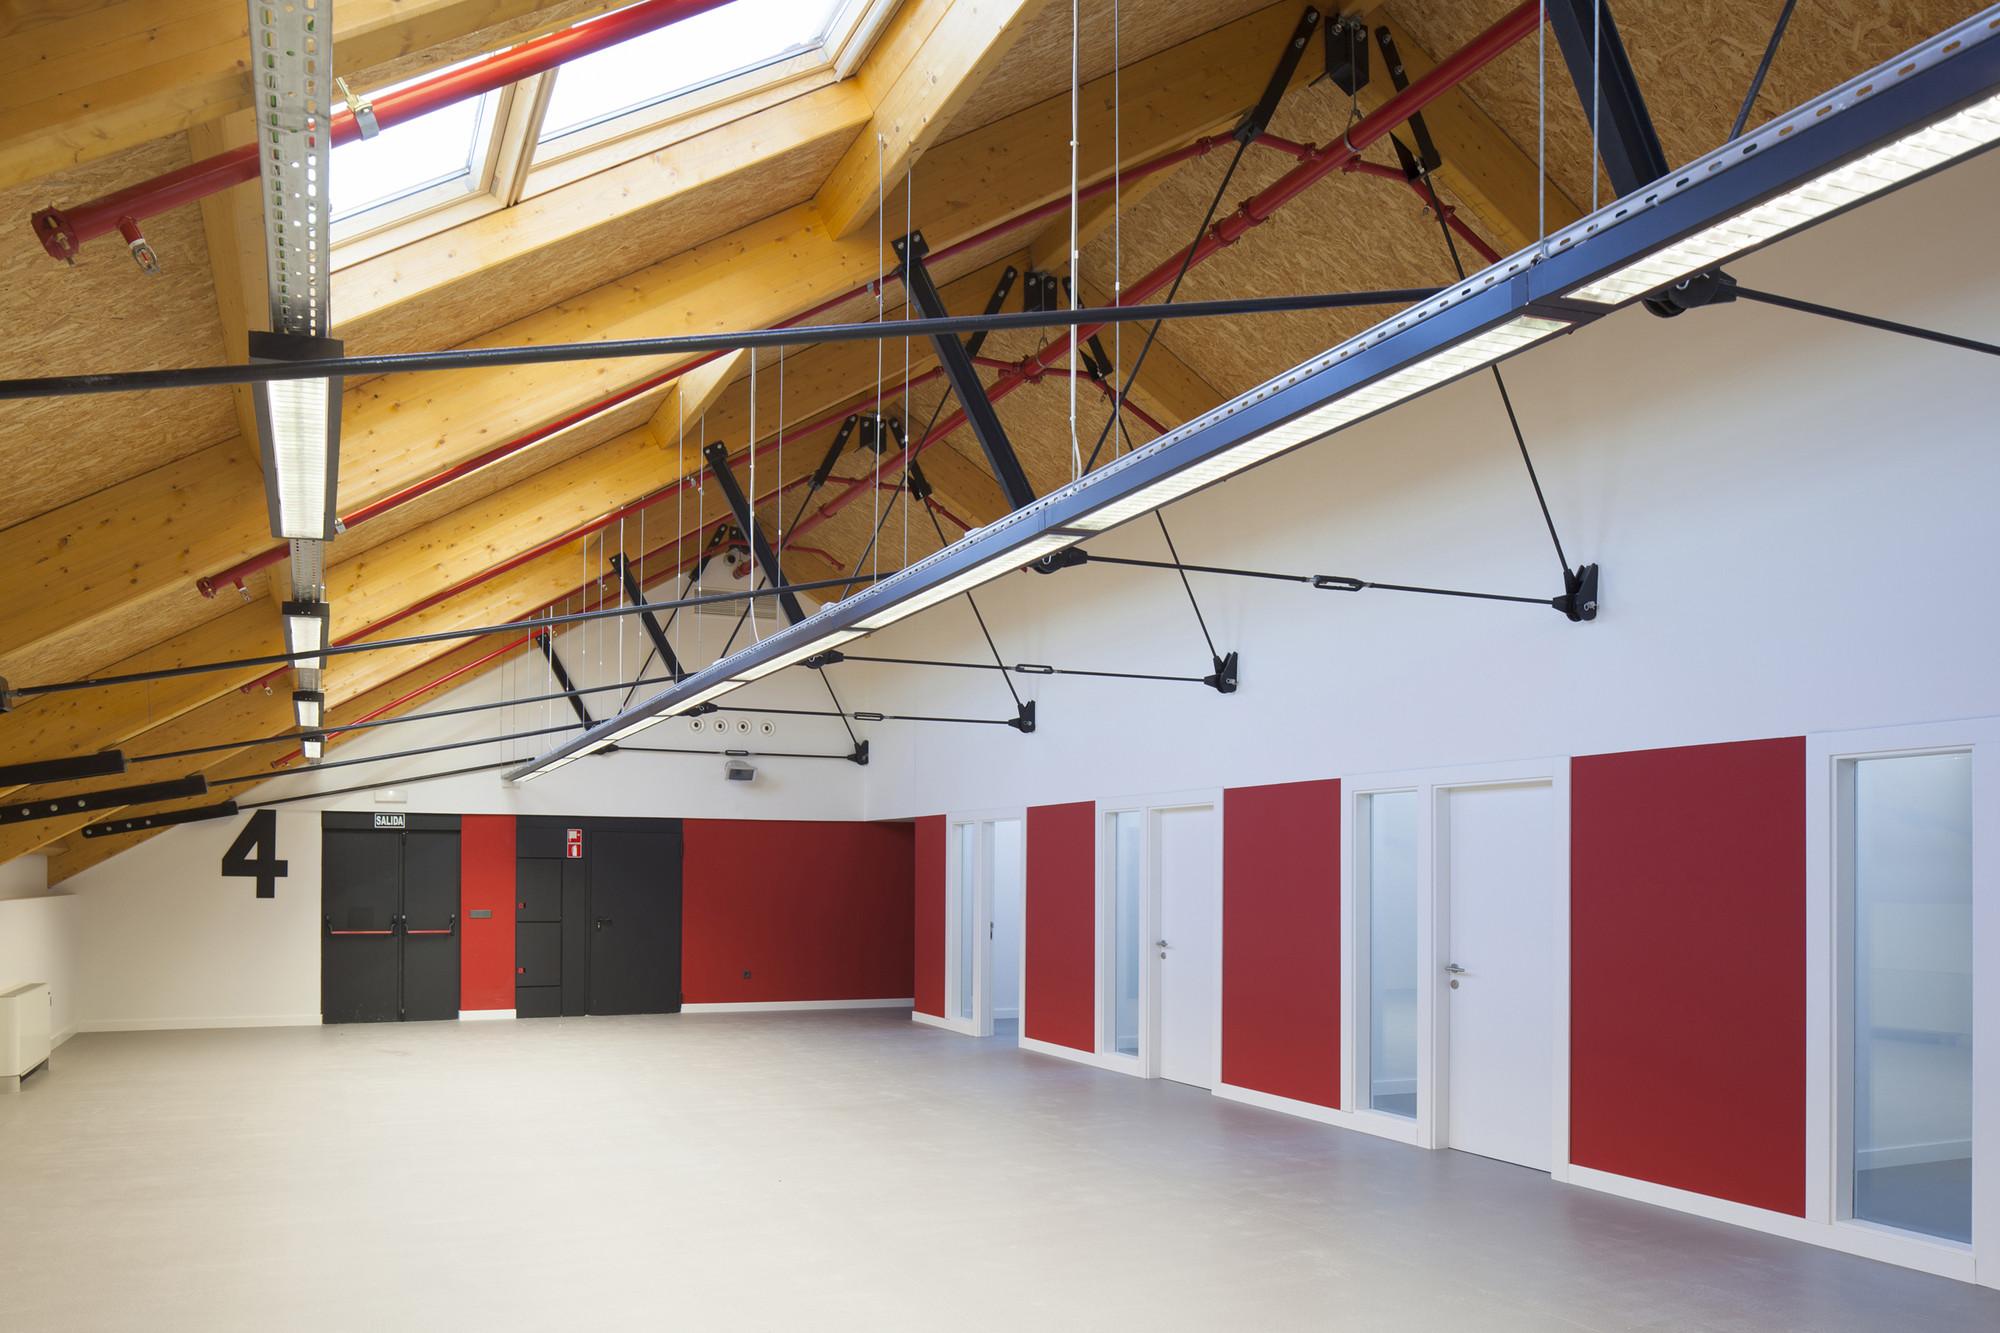 Centro de Recursos para el Aprendizaje y la Investigación (CRAI) de la Universidad de Alcalá  / CDE Arquitectura, © Bernardo Corces